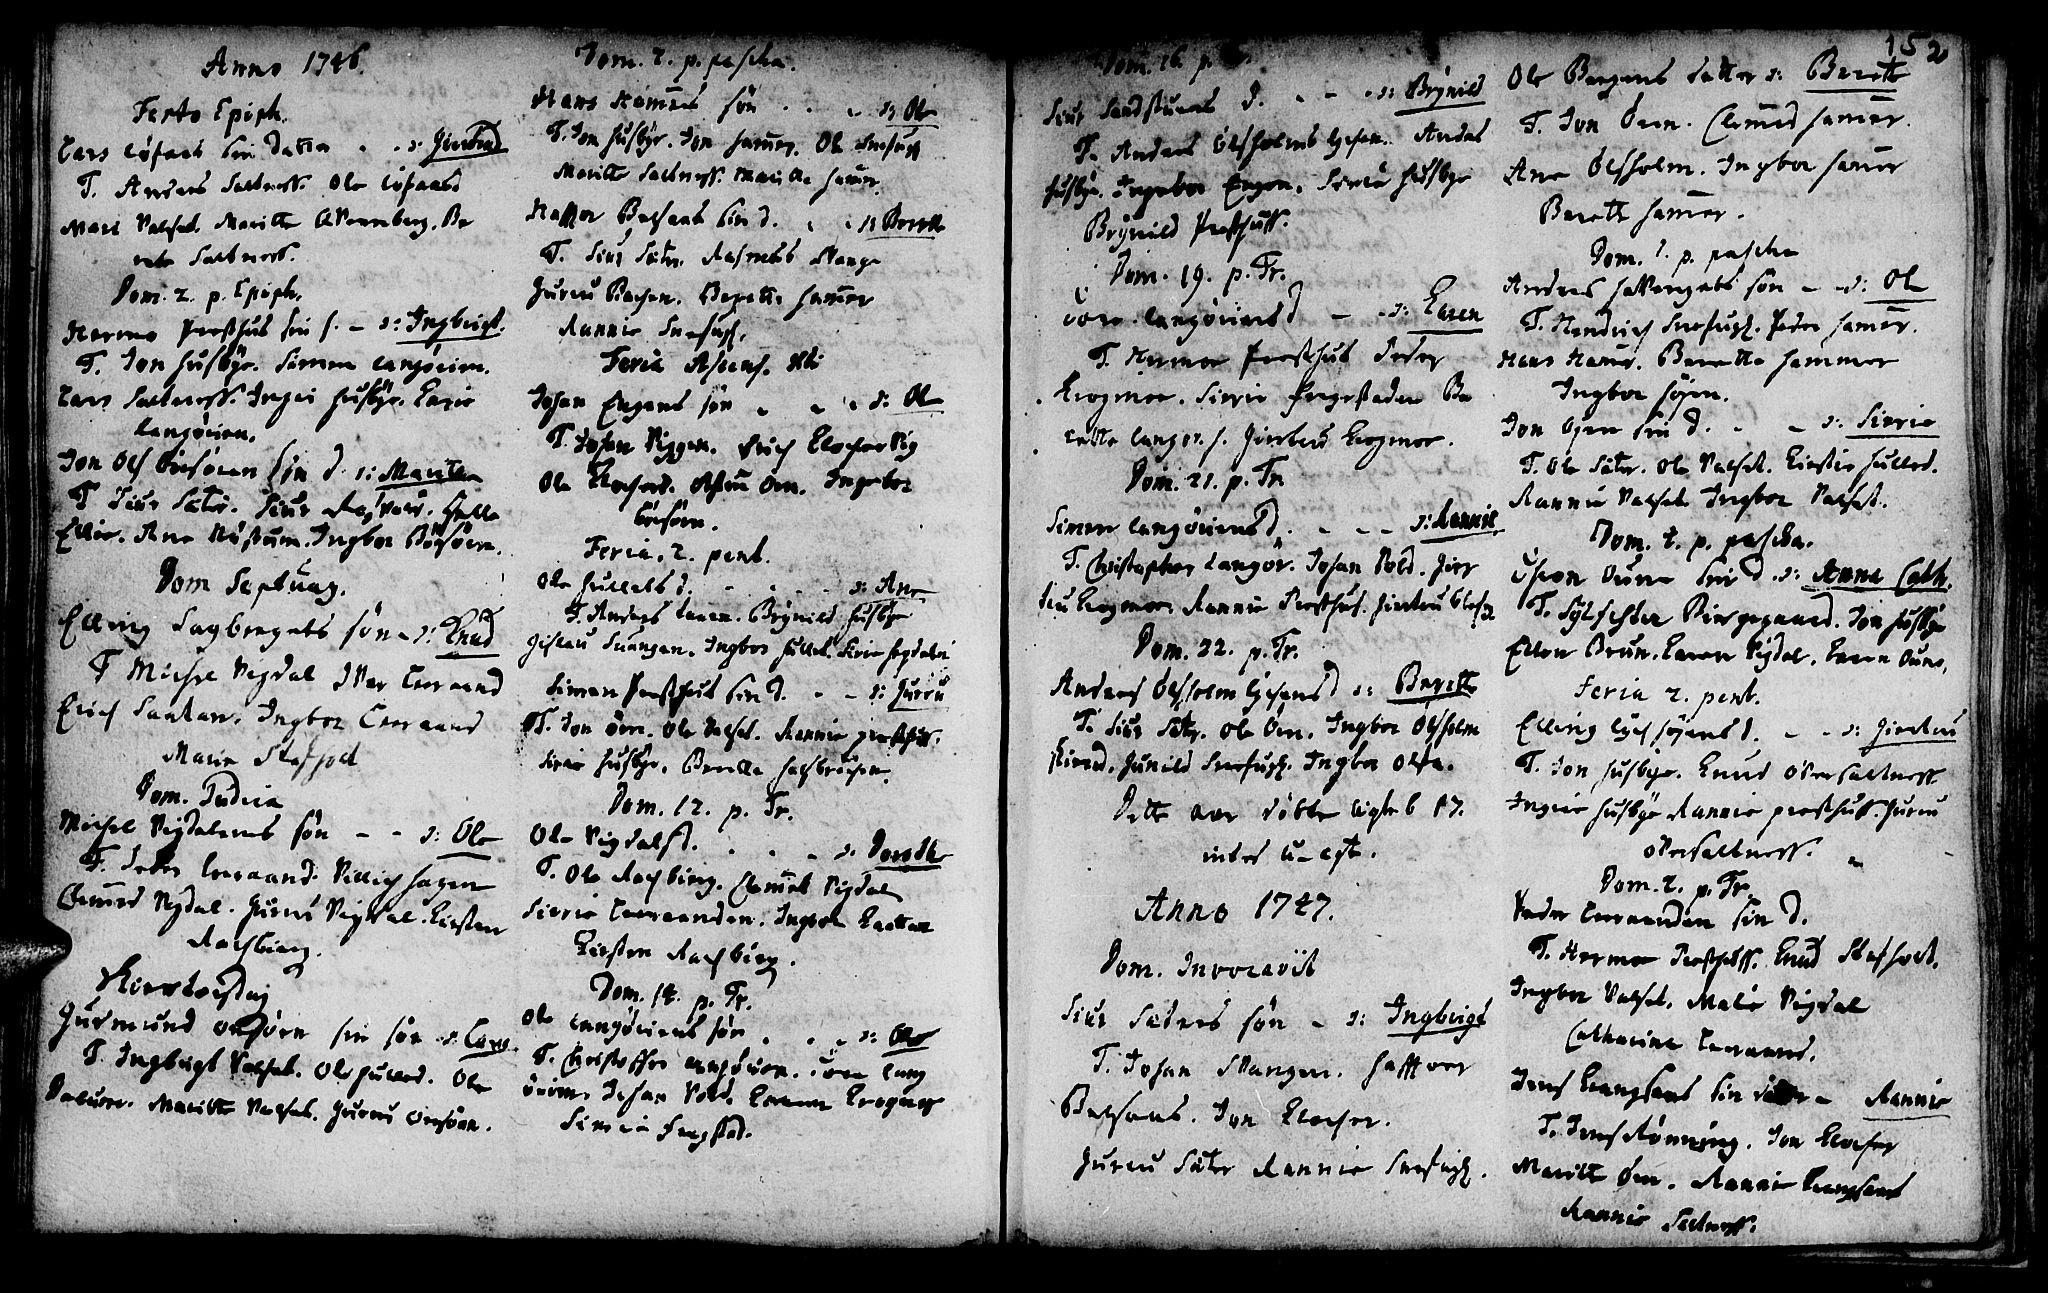 SAT, Ministerialprotokoller, klokkerbøker og fødselsregistre - Sør-Trøndelag, 666/L0783: Ministerialbok nr. 666A01, 1702-1753, s. 152